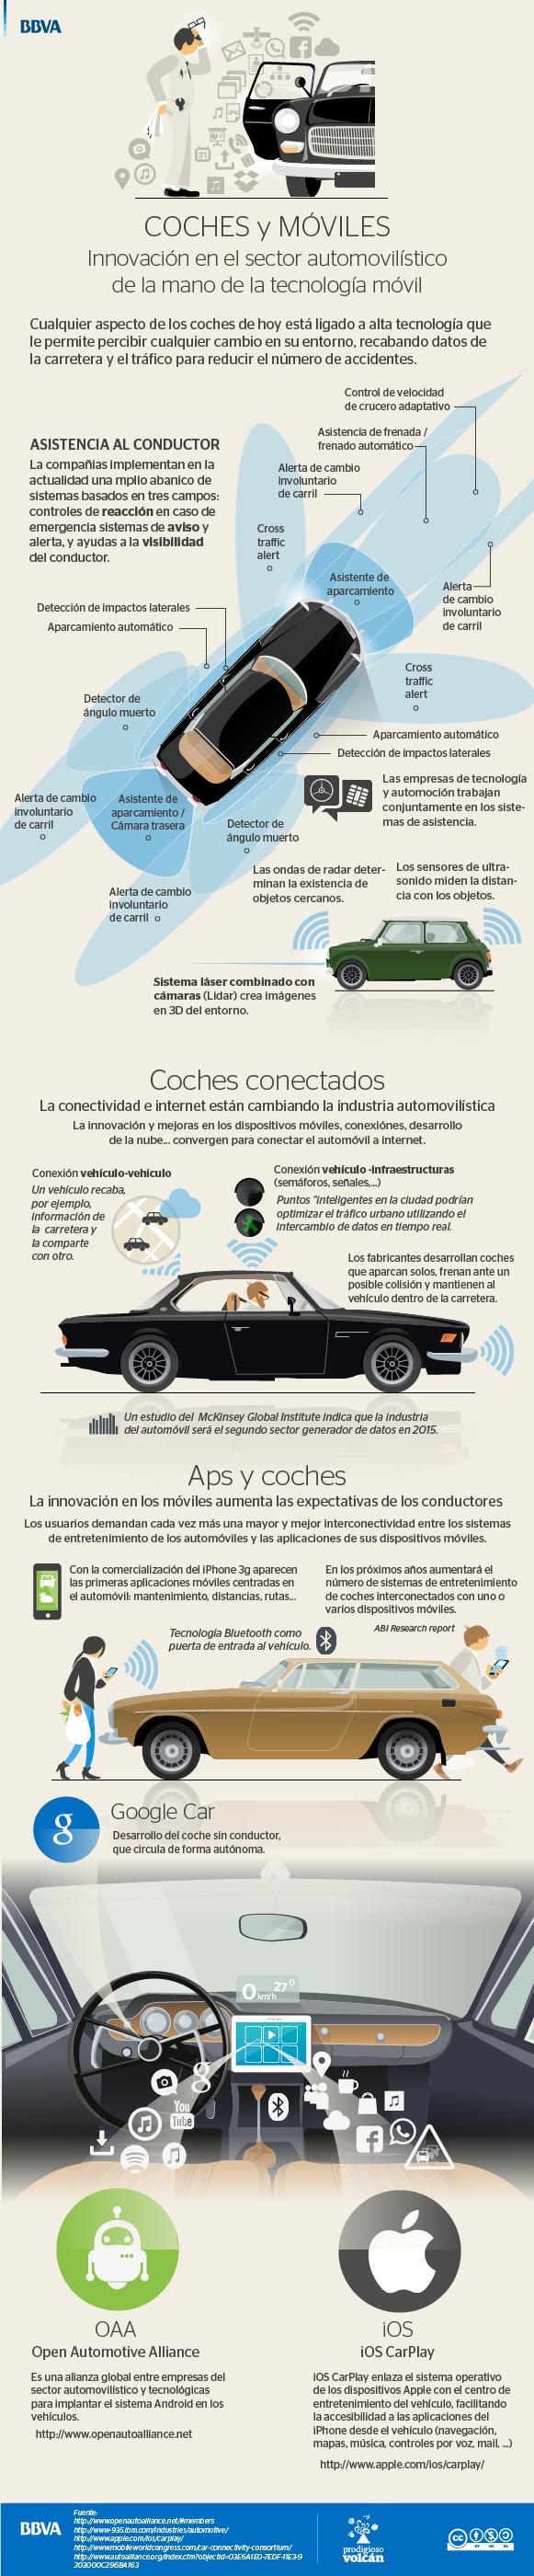 Coches y móviles: Innovación en el sector automovilístico de la mano del móvil